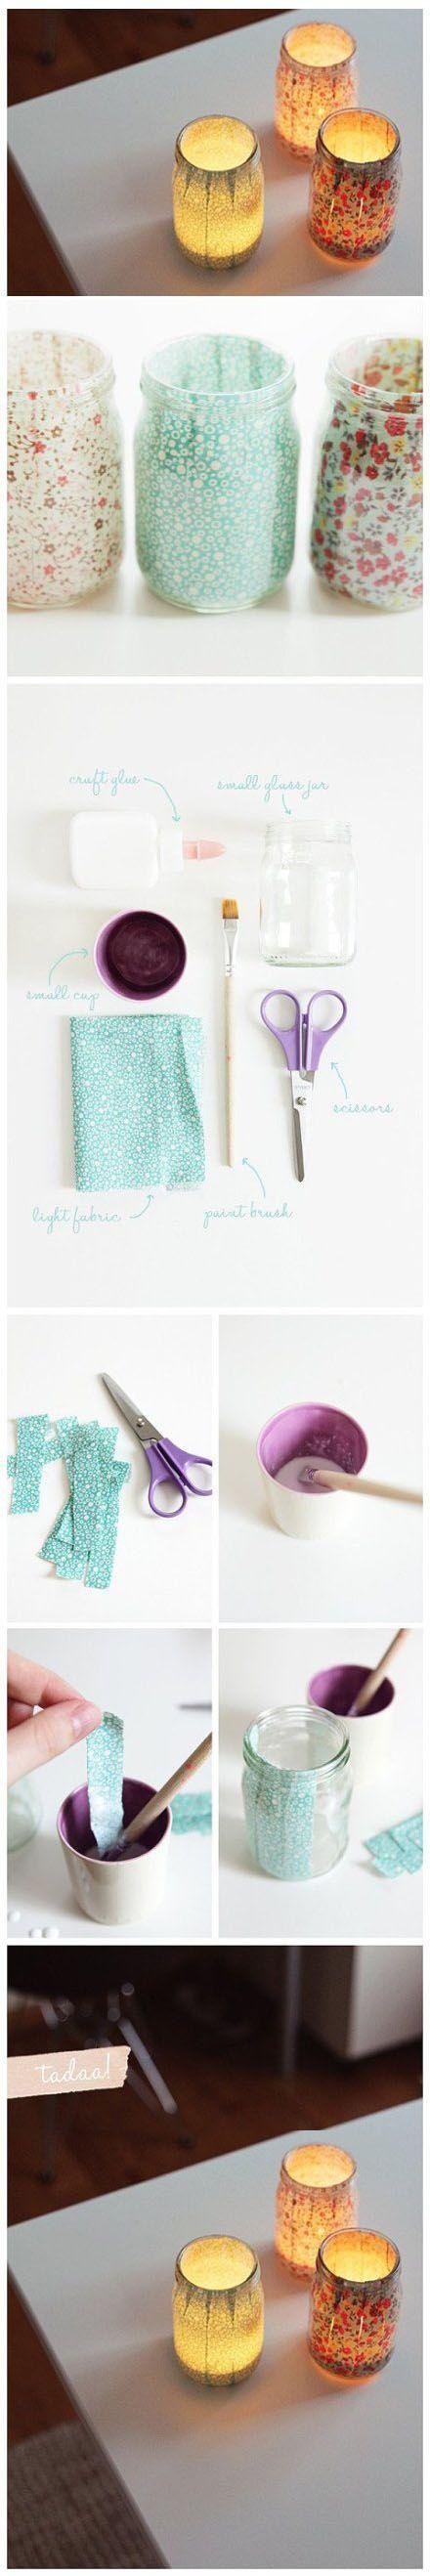 Diy Beautiful Jar Craft | DIY & Crafts